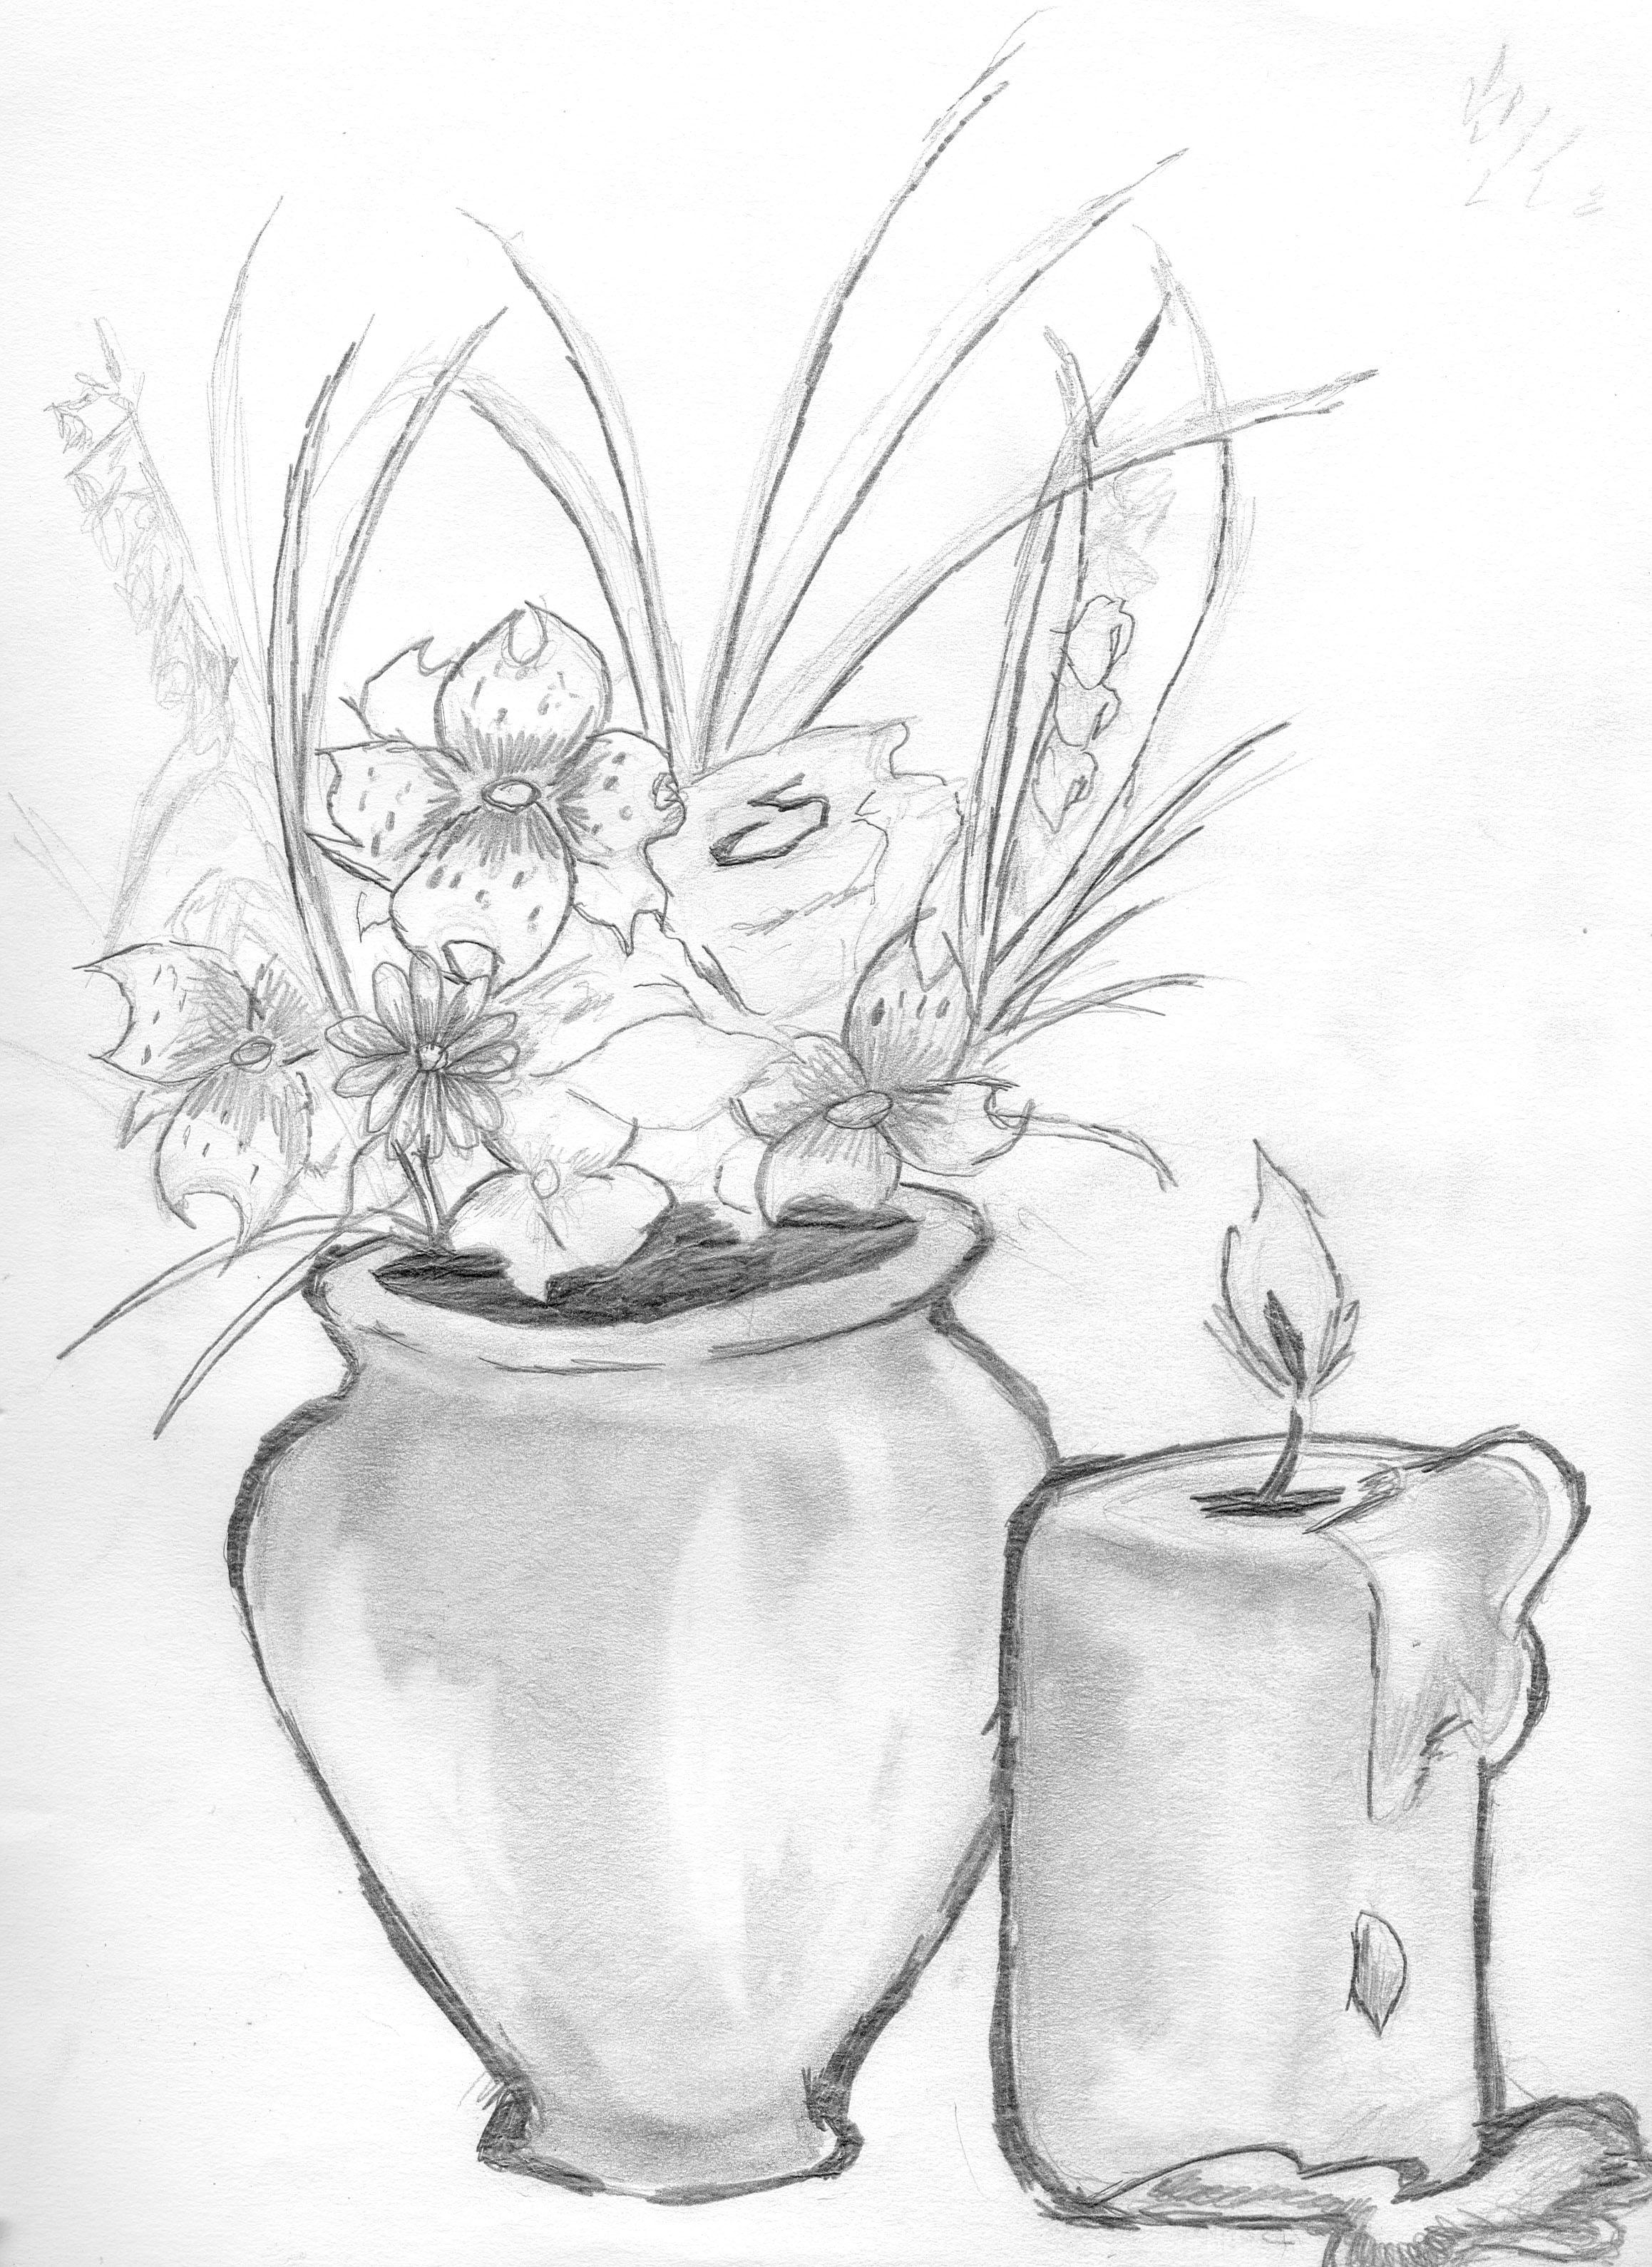 Vase with Flowers by DarkGX on DeviantArt